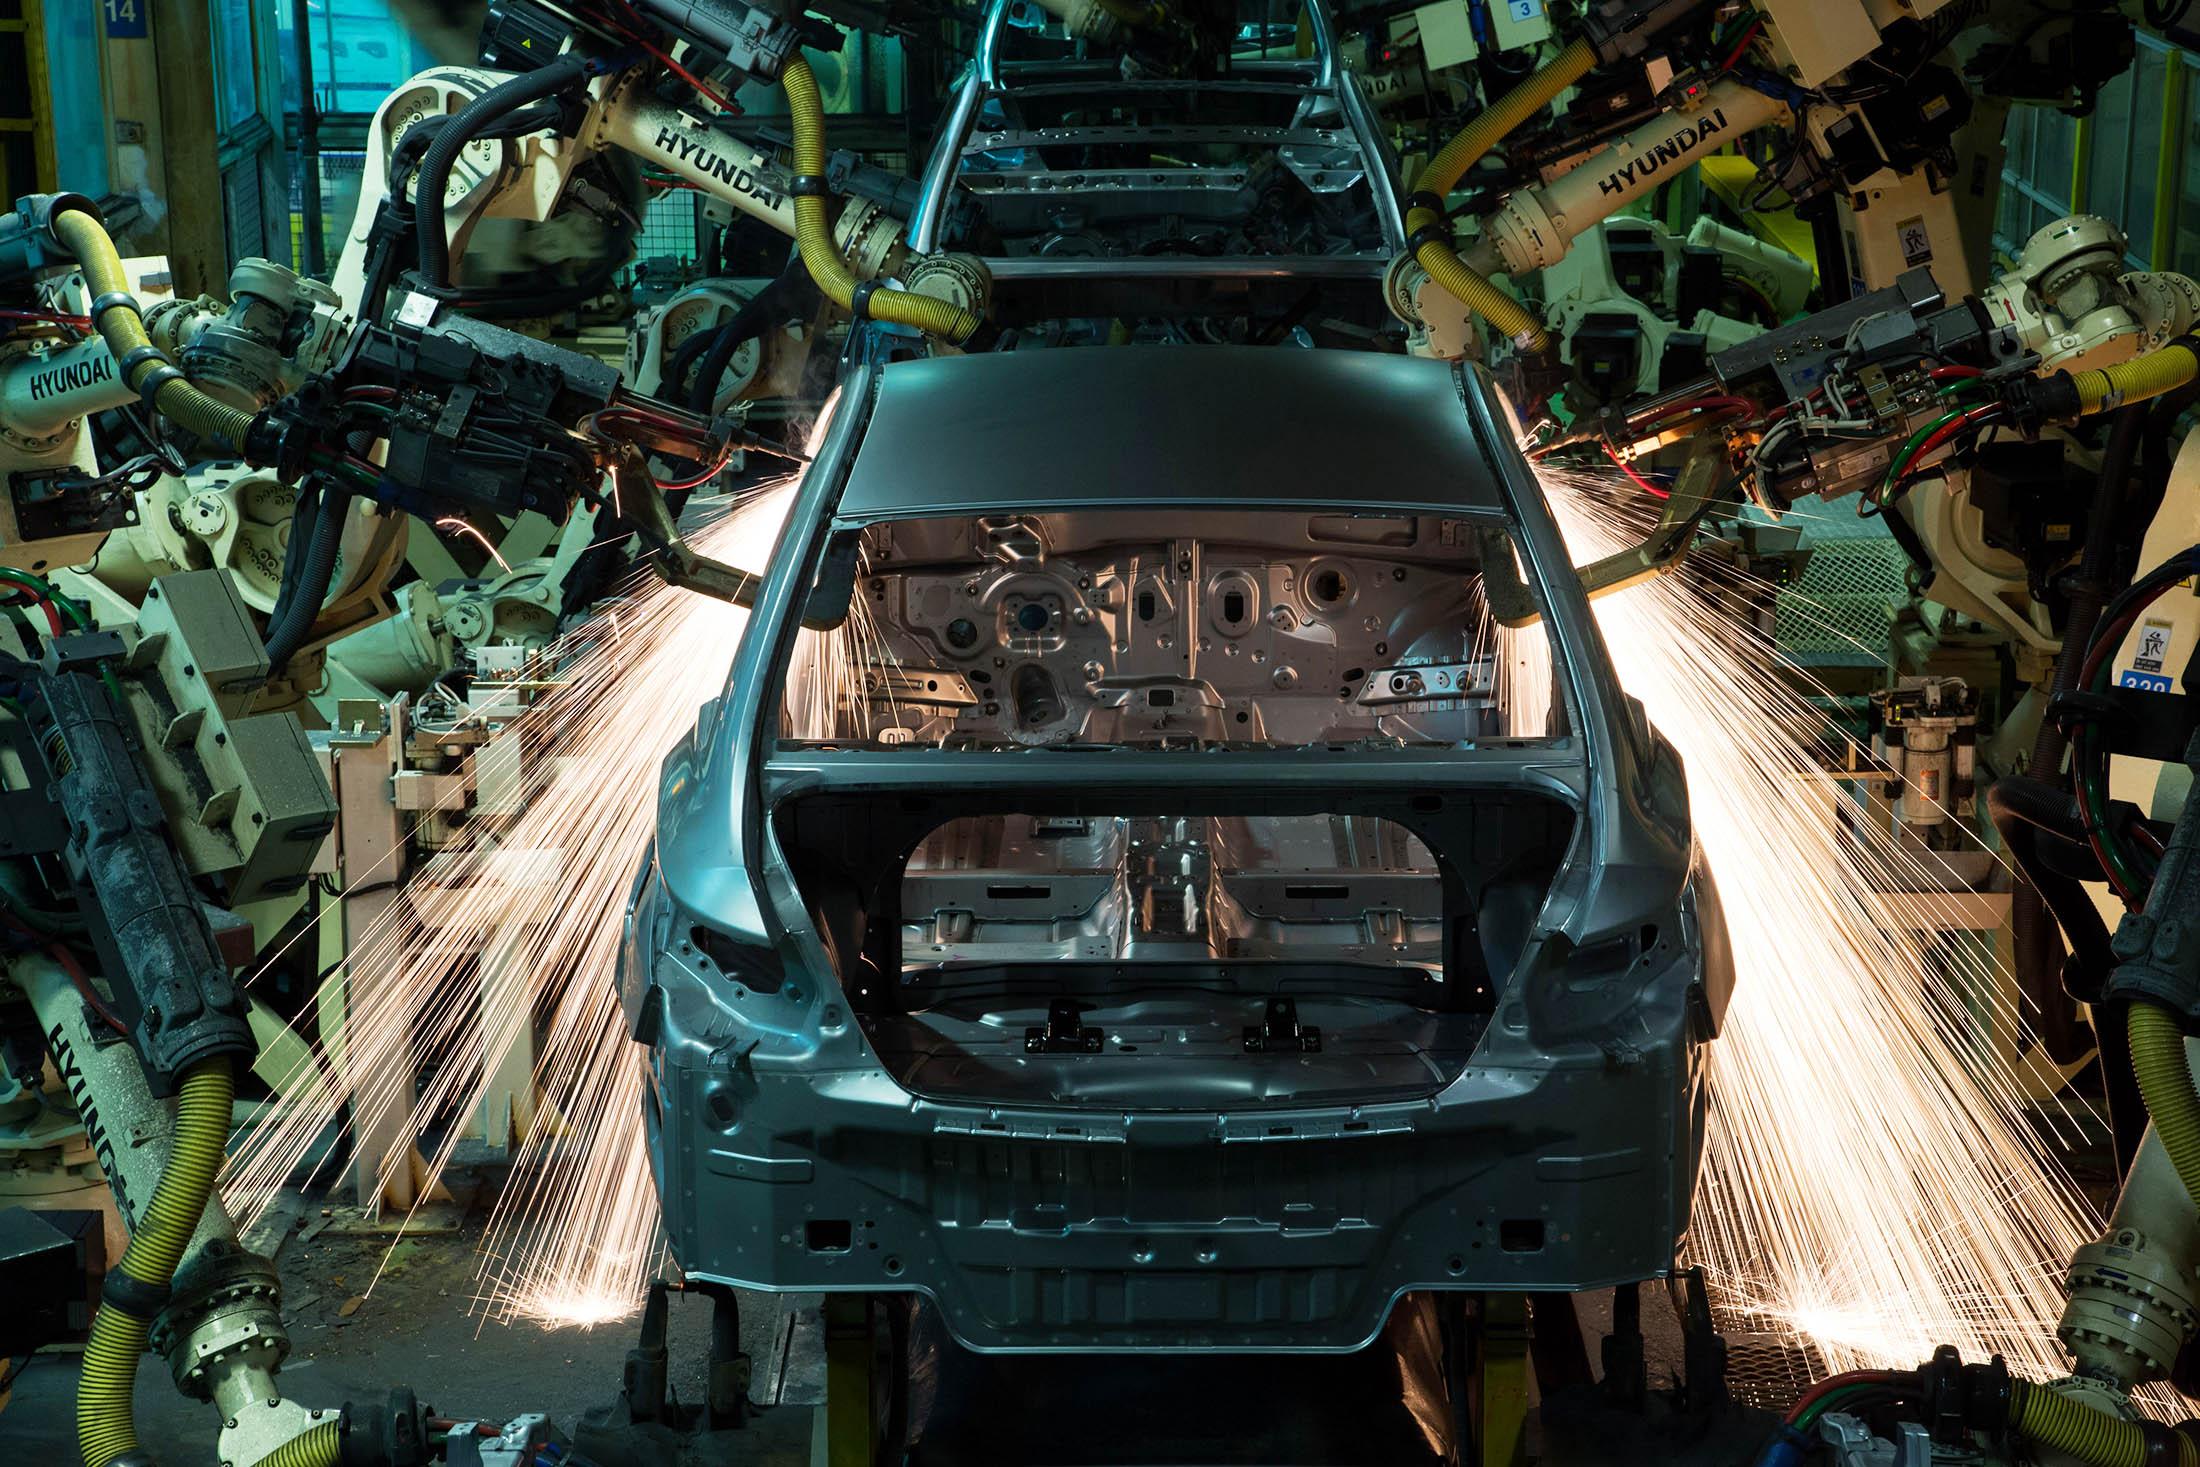 Hyundai motor company yahoo finance - Hyundai Motor Company Yahoo Finance 30